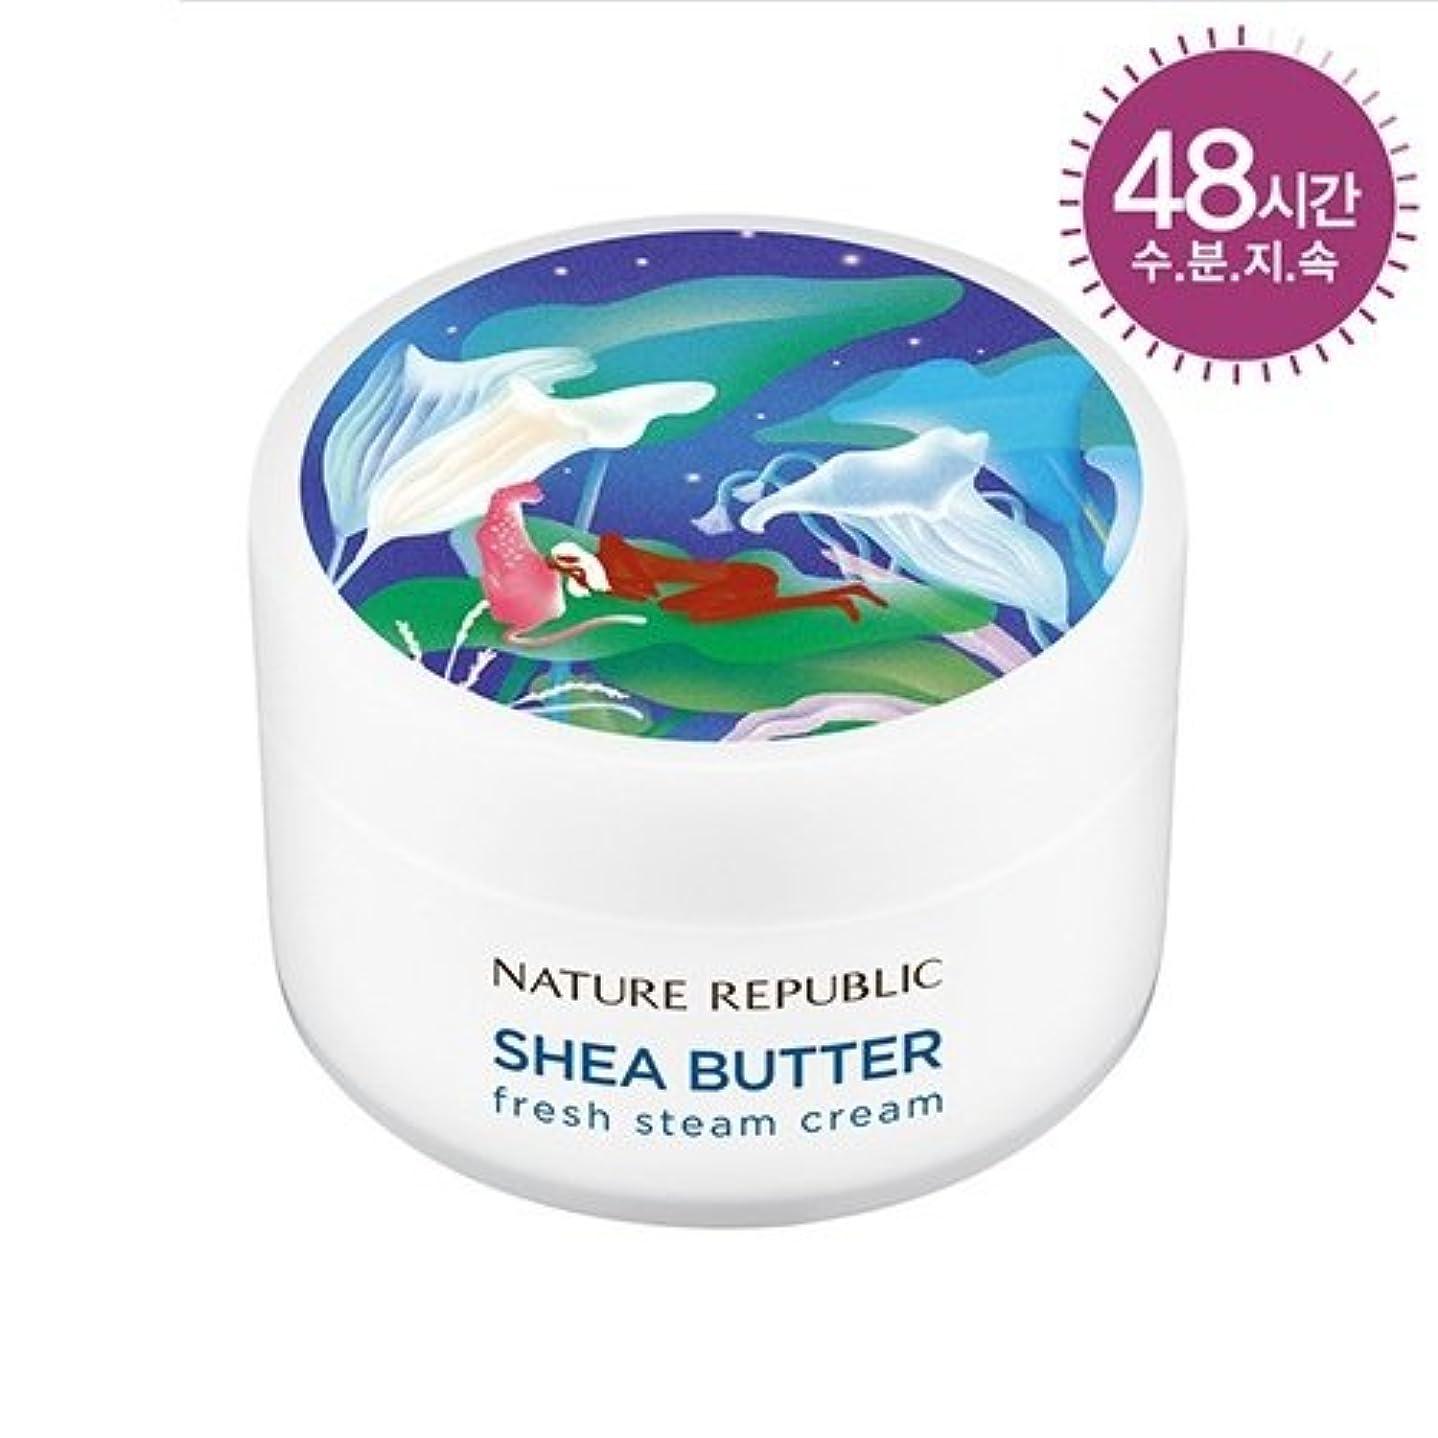 担当者検査揮発性NATURE REPUBLIC(ネイチャーリパブリック) SHEA BUTTER STEAM CREAM シアバター スチーム クリーム #フレッシュスオイリー肌